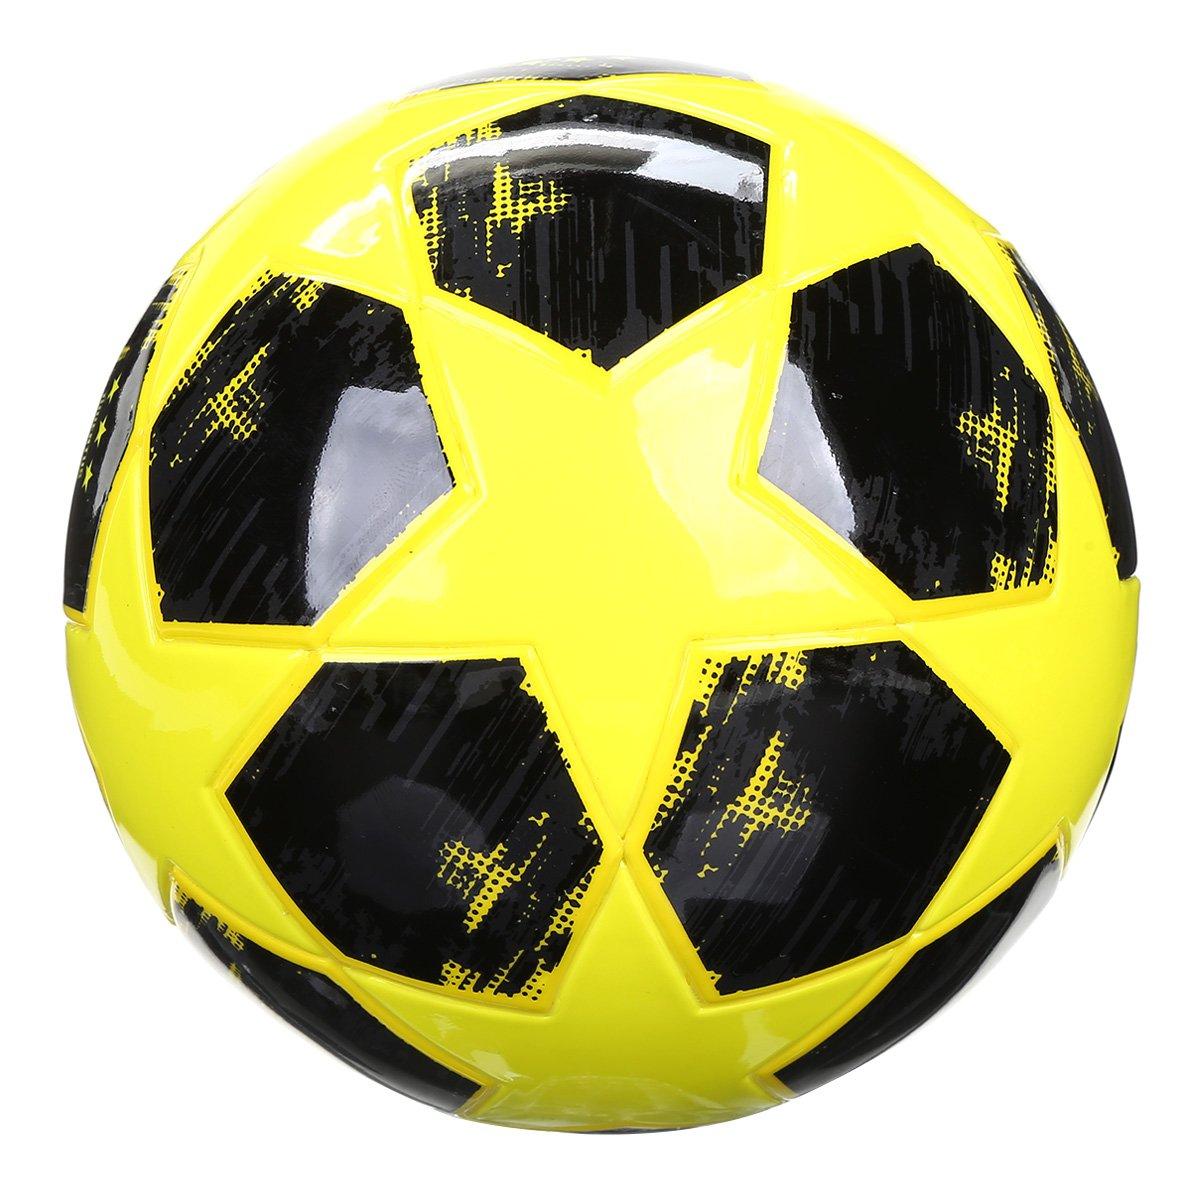 4e742d2e81 Mini Bola de Futebol Juventus Adidas Finale 18 - Compre Agora